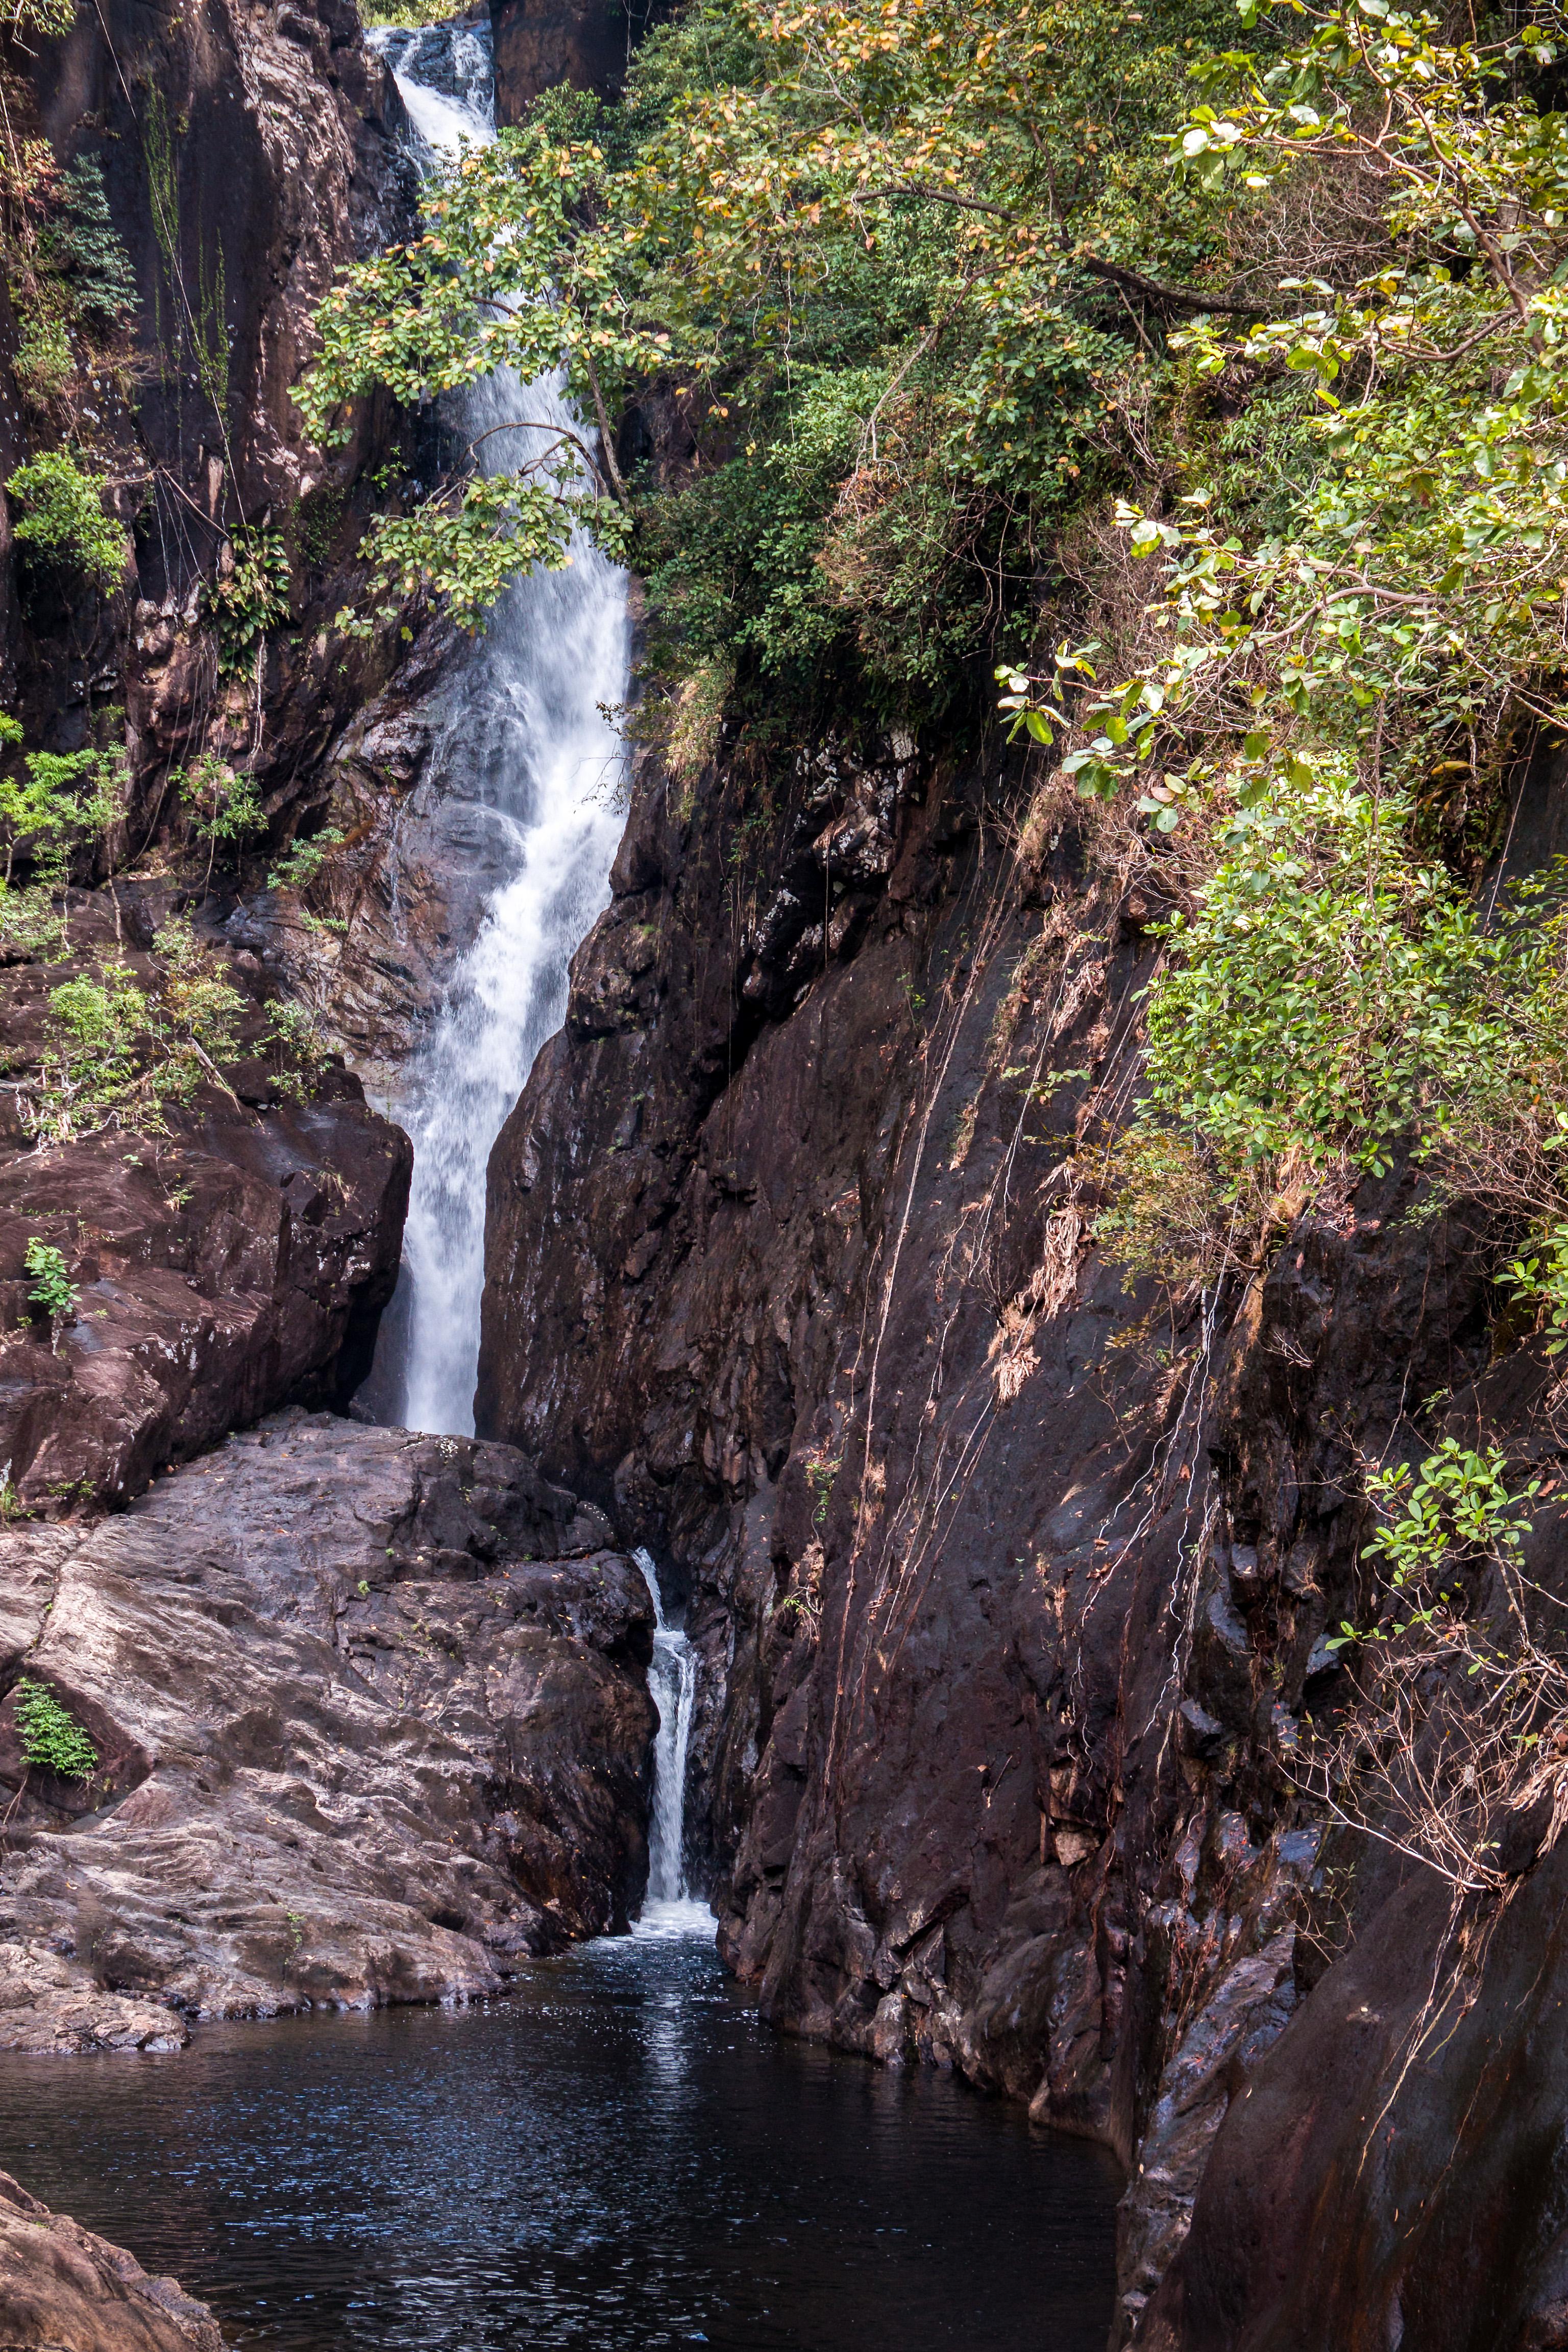 Et af mange. Klong Plu Vandfaldet på vestsiden af øen, med et fald på næsten 20 meter. Husk badetøjet.